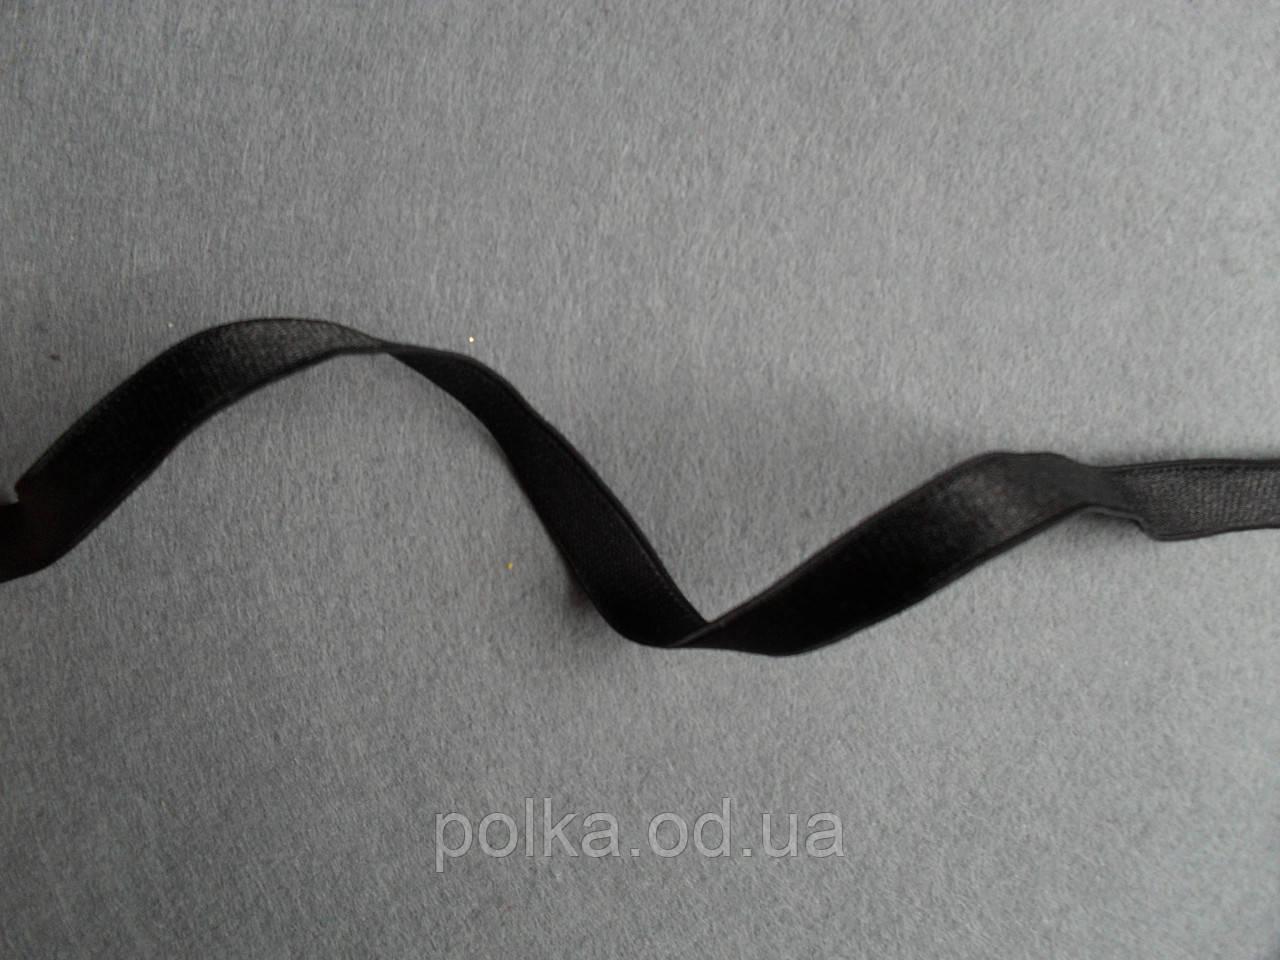 Бретель гумка, ширина 1см, колір чорний/ білий/бежевий/ коричневий/блакитний/рожевий (1уп=46м)